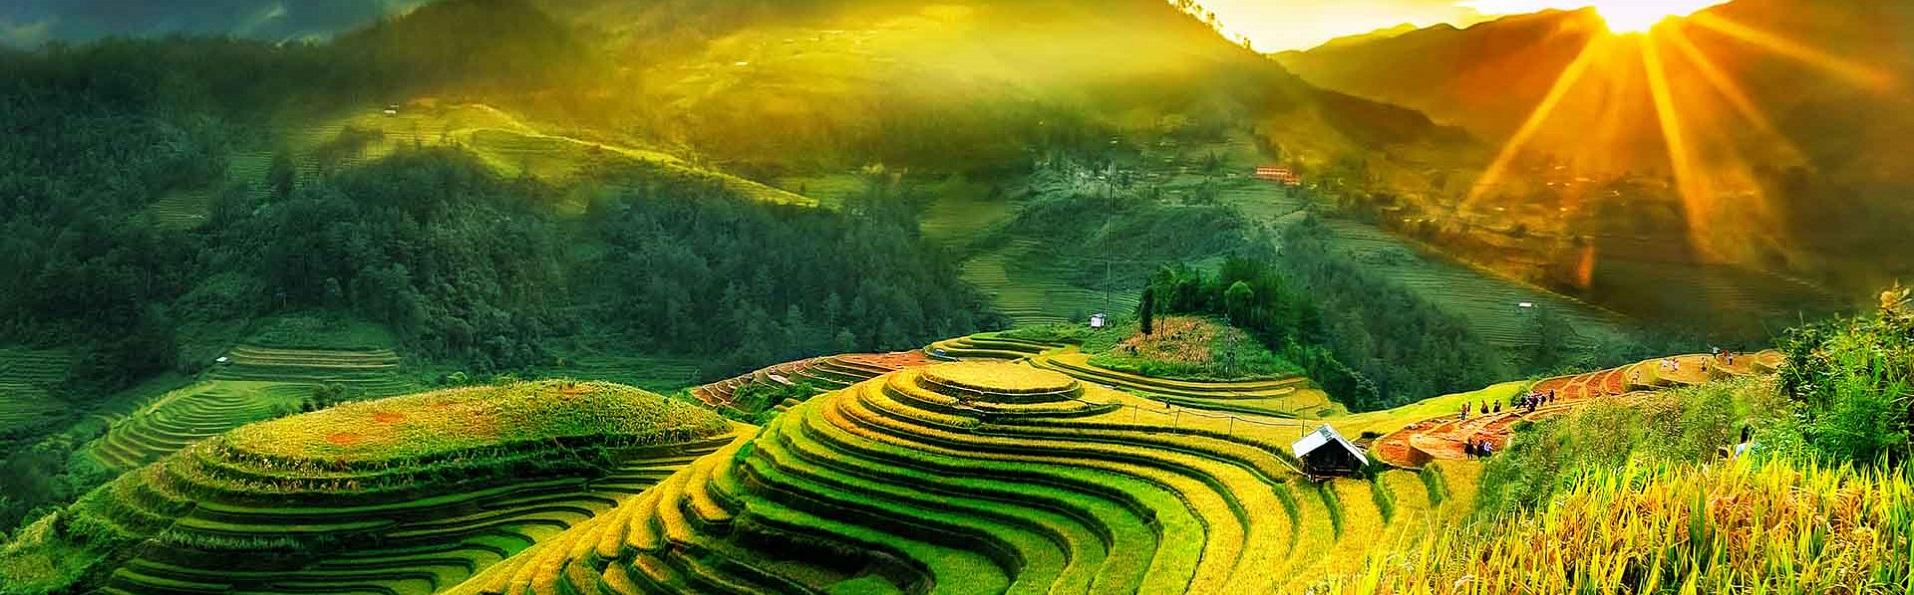 Agence de voyage sur mesure au Vietnam, Laos & Cambodge.